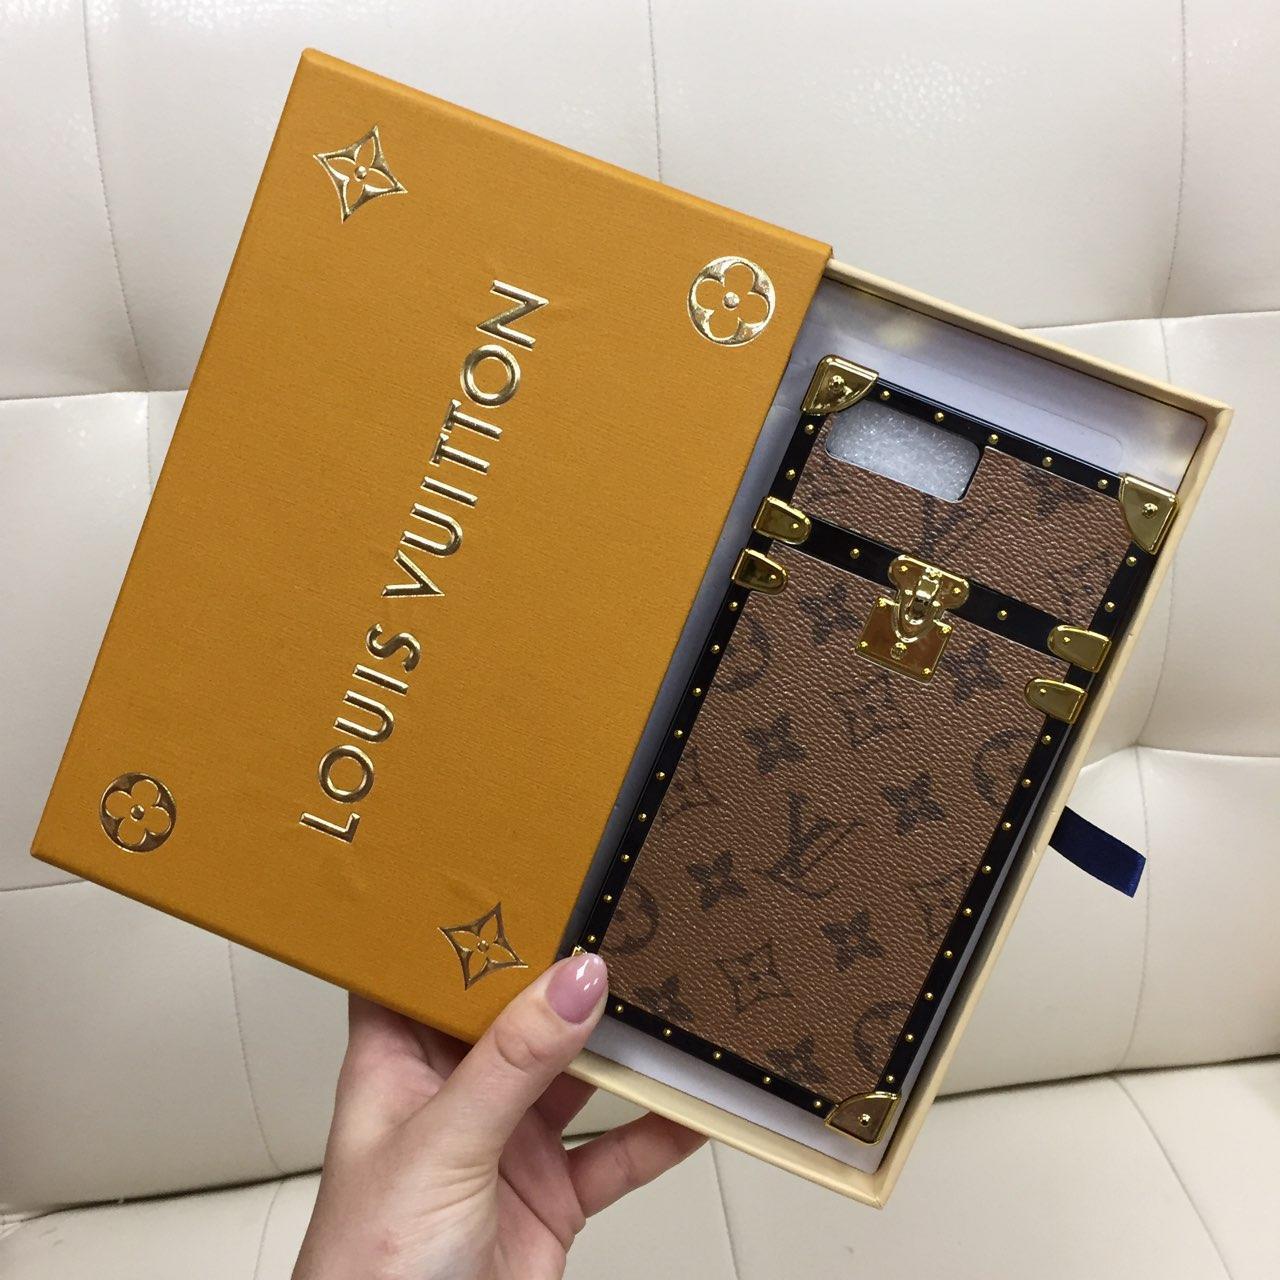 Чехол для iPhone 7Plus (7+) Louis Vuitton бампер силикон кожа светло коричневая классика